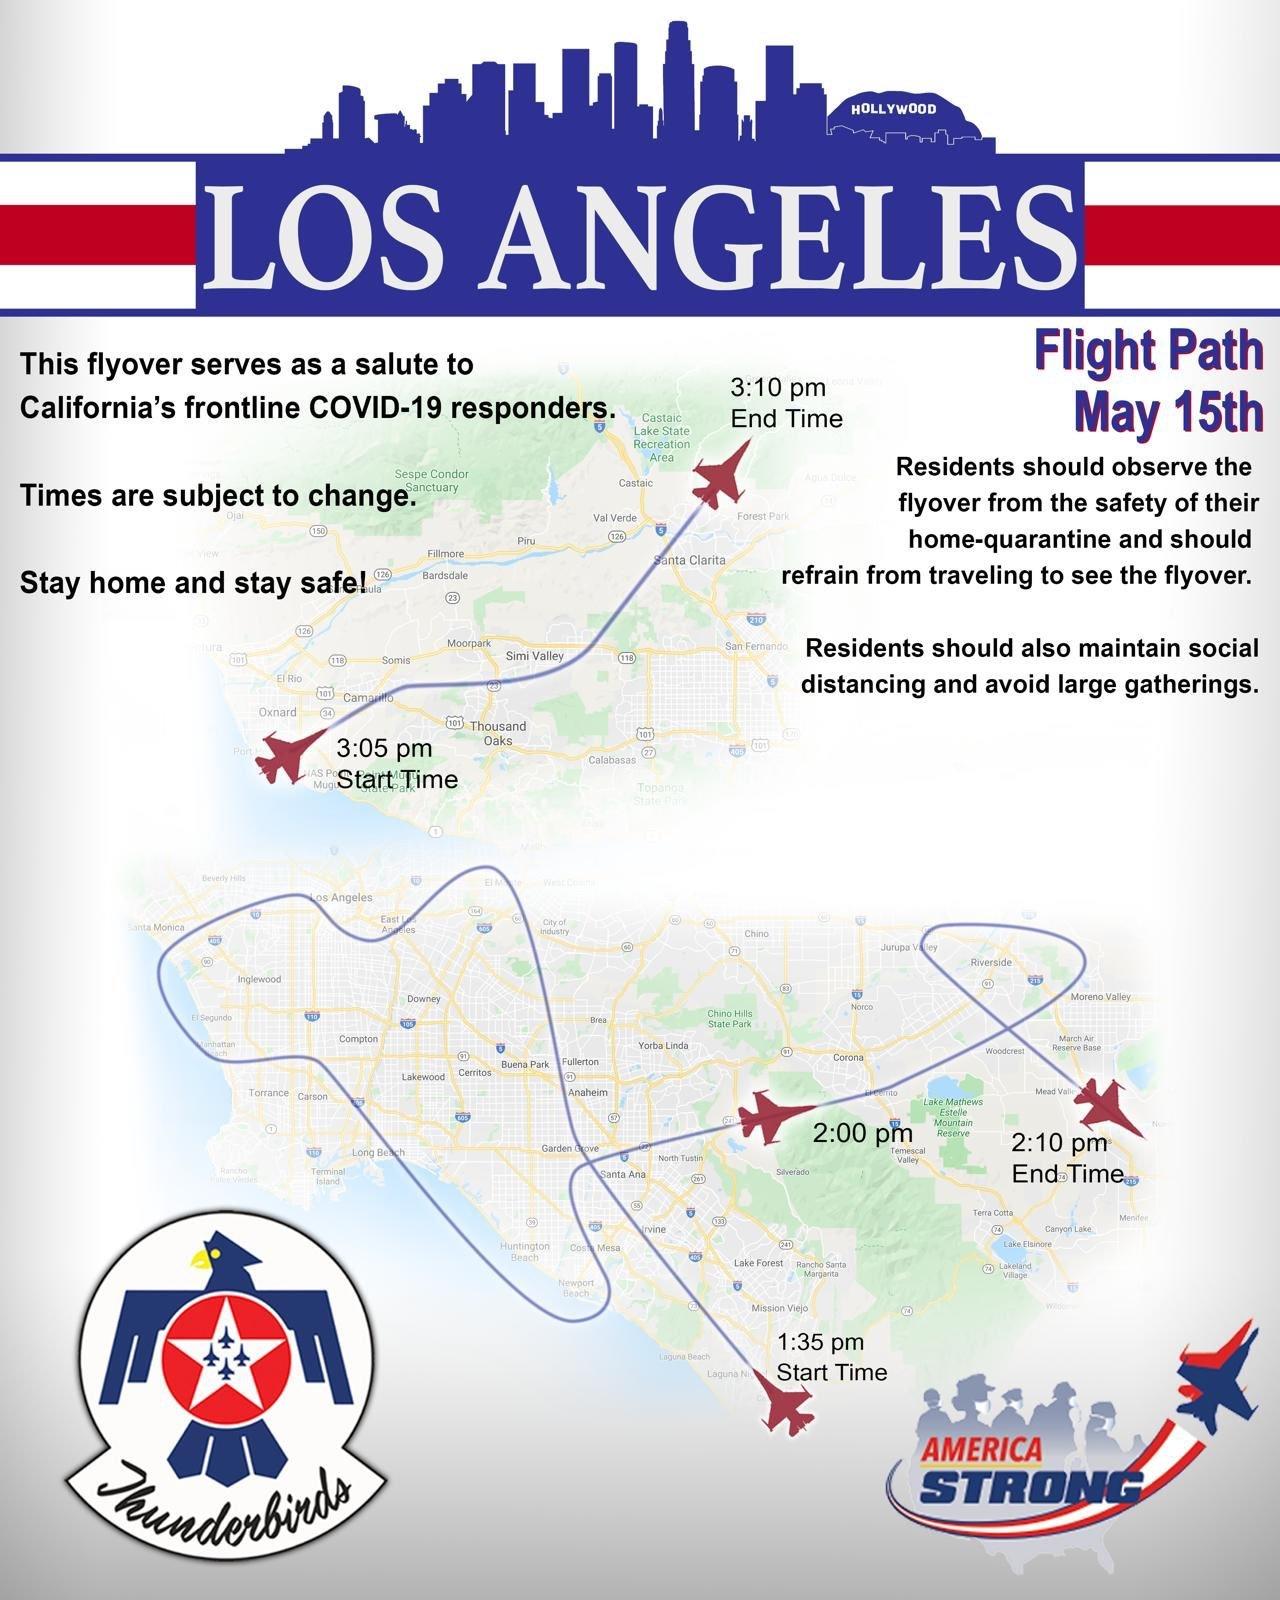 今日、空軍のサンダーバーズが南カリフォルニアを飛ぶ予定_e0350971_23005344.jpg